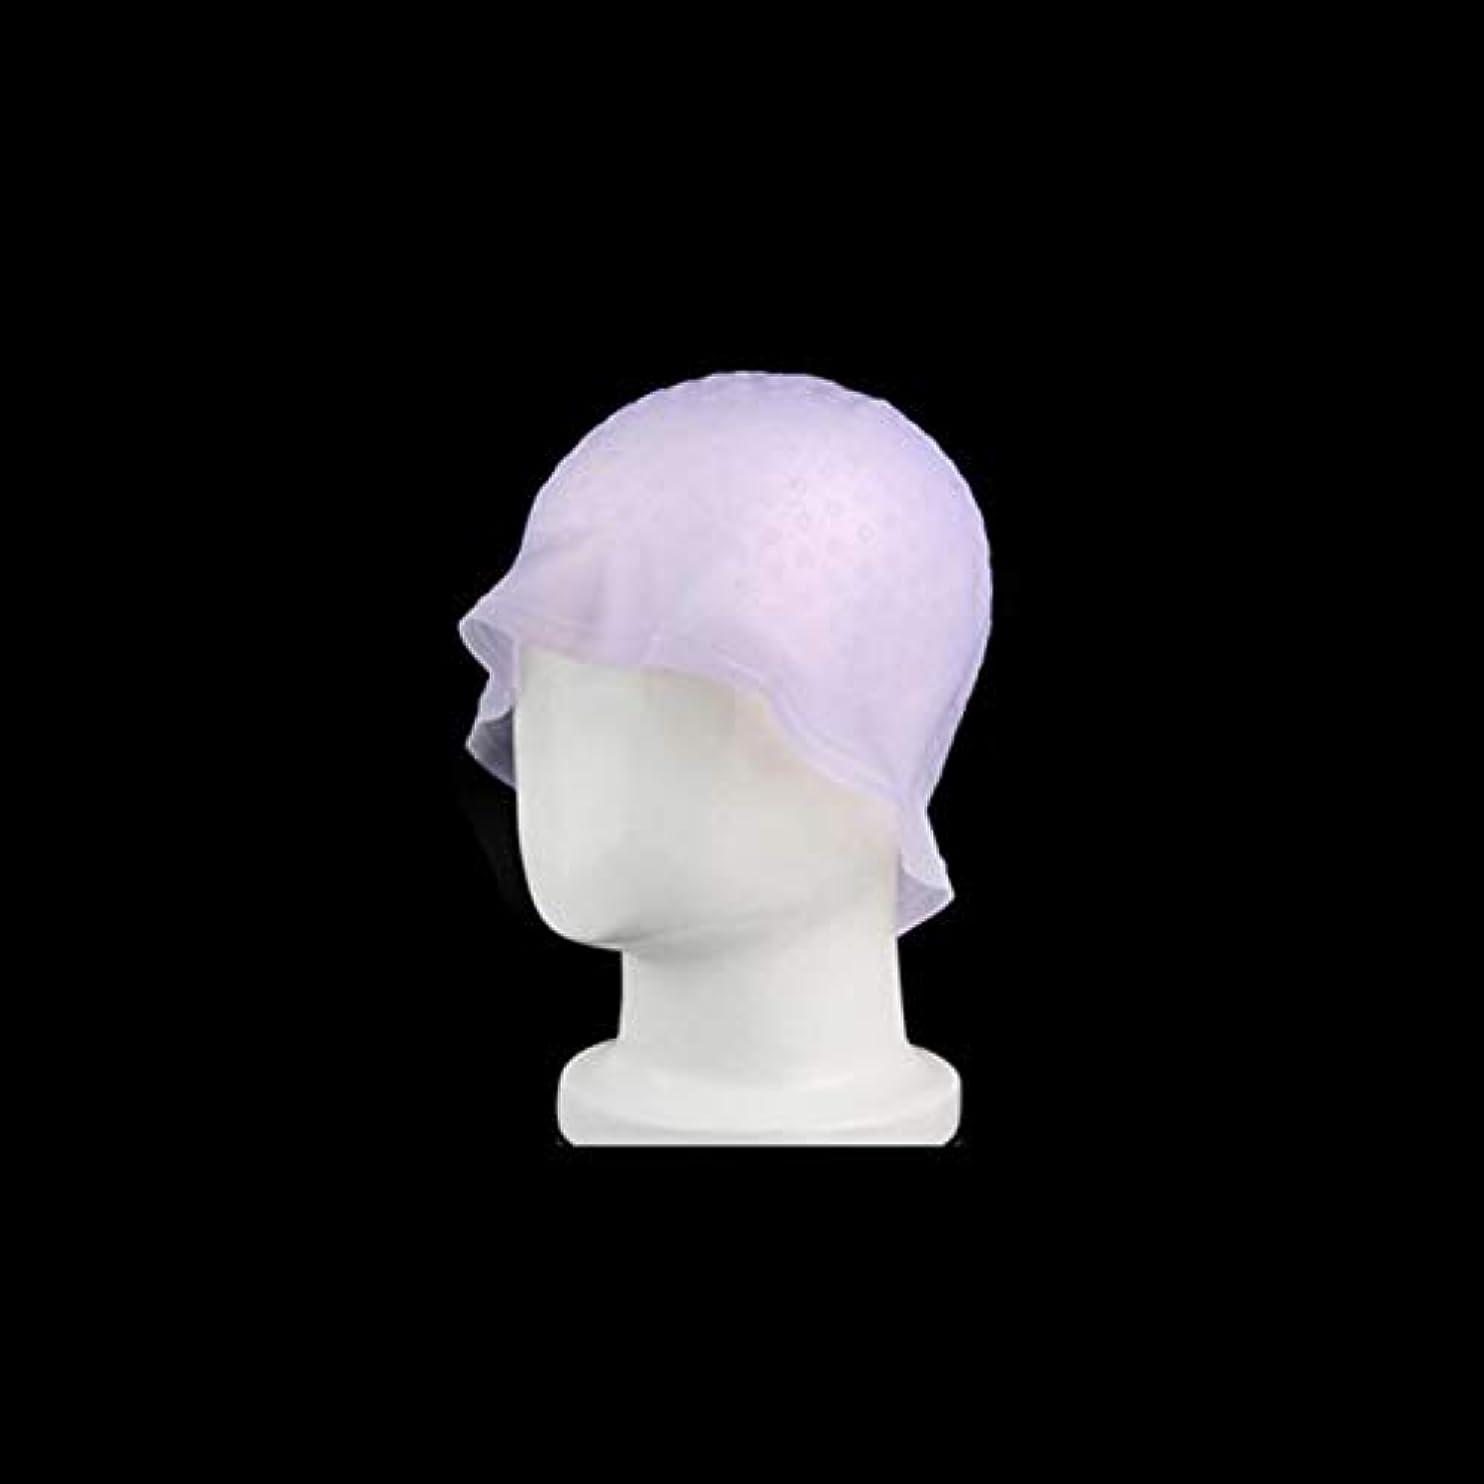 用心するドロークリープDOMO カラーダイキャップ 染毛キャップ エコ サロン ヘア染めツール 再利用可能 染色用 ハイライト 髪染め工具